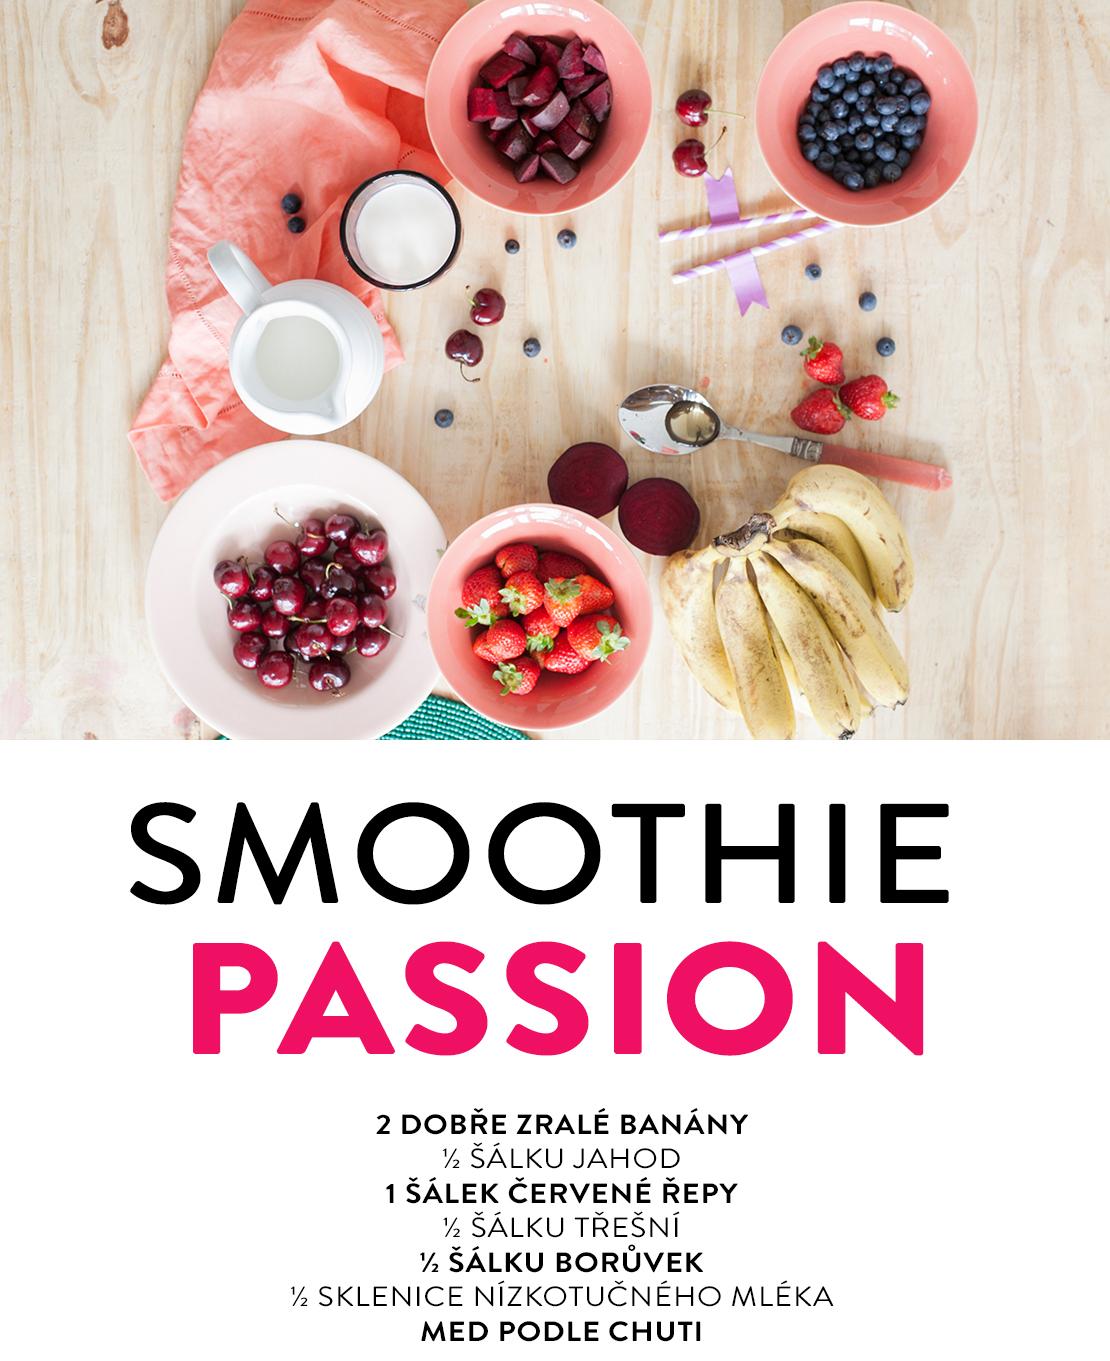 zdravé smoothie recepty s červenou řepou